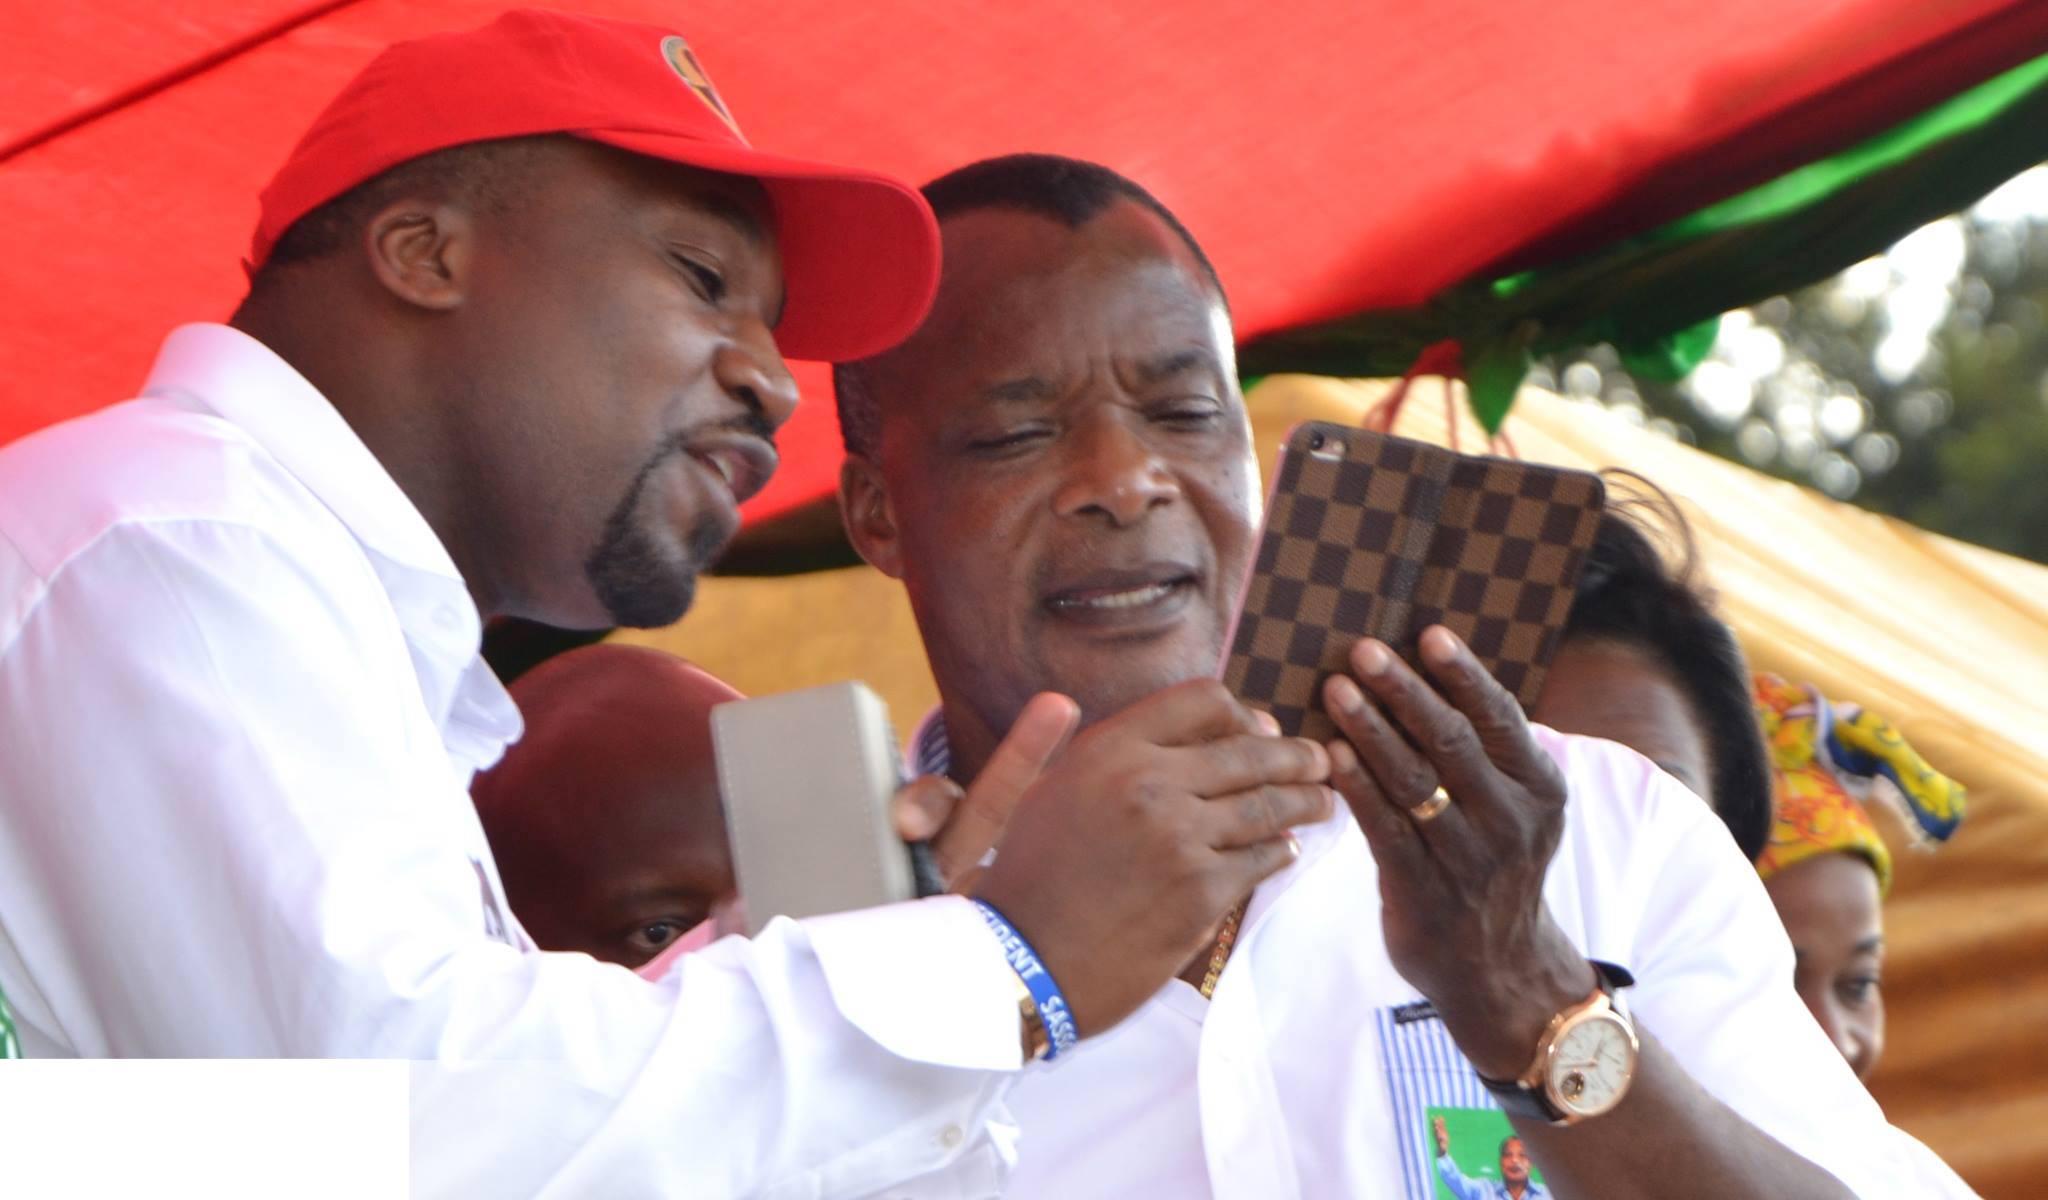 «Biens mal acquis» : Julienne Sassou Nguesso et son mari Guy Johnson mis en examen